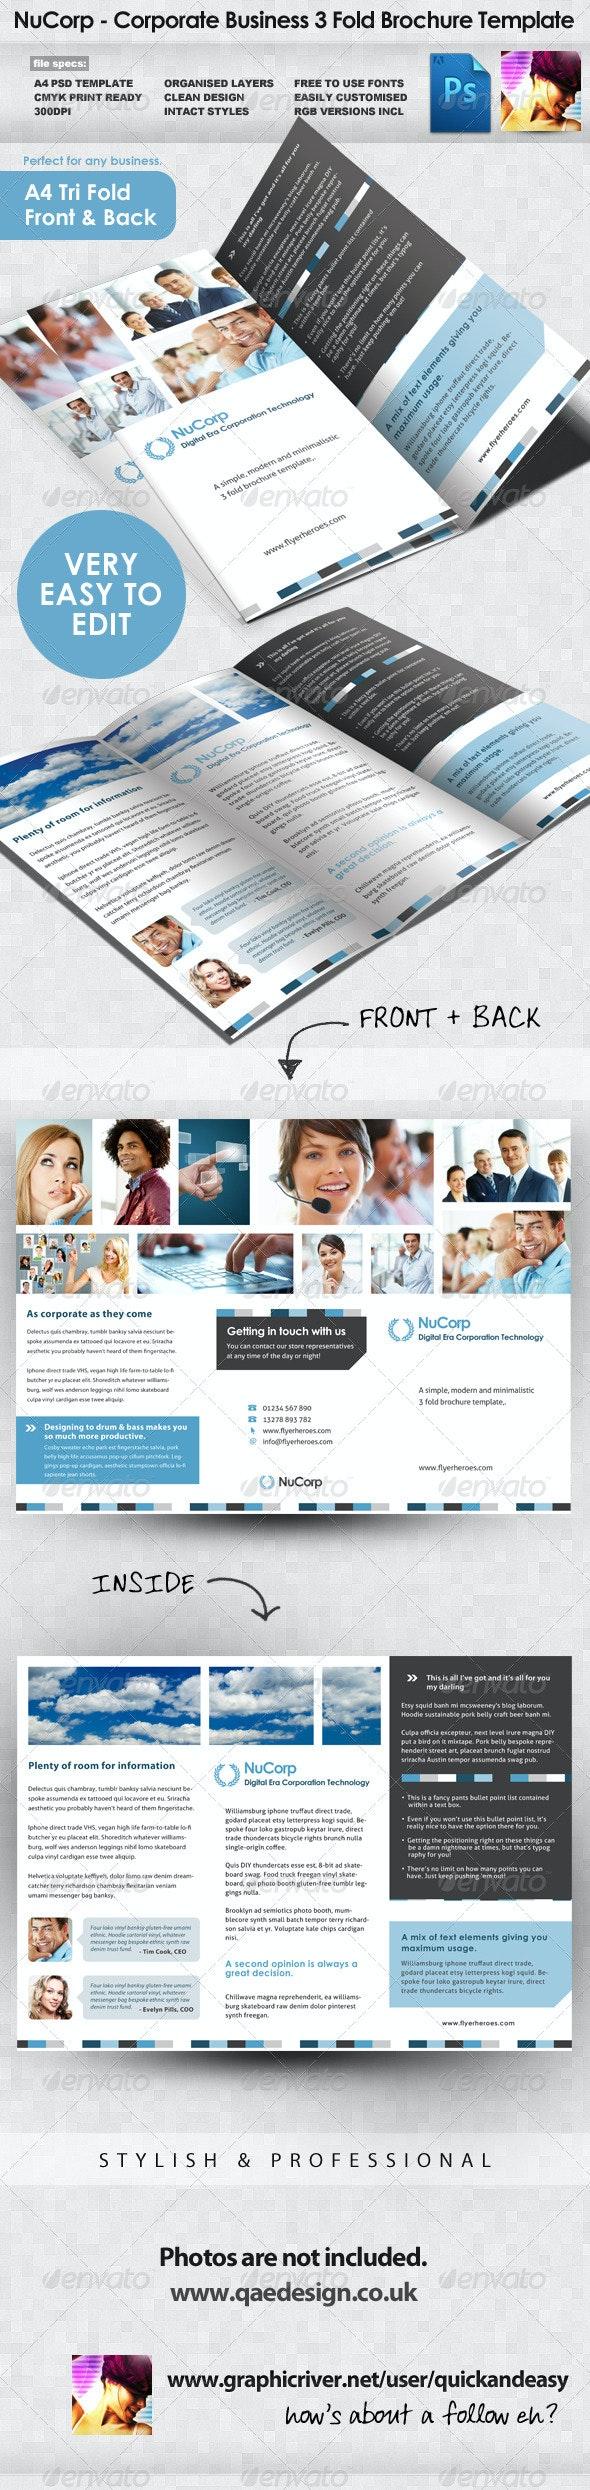 Corporate 3 Fold Brochure Template - Corporate Brochures